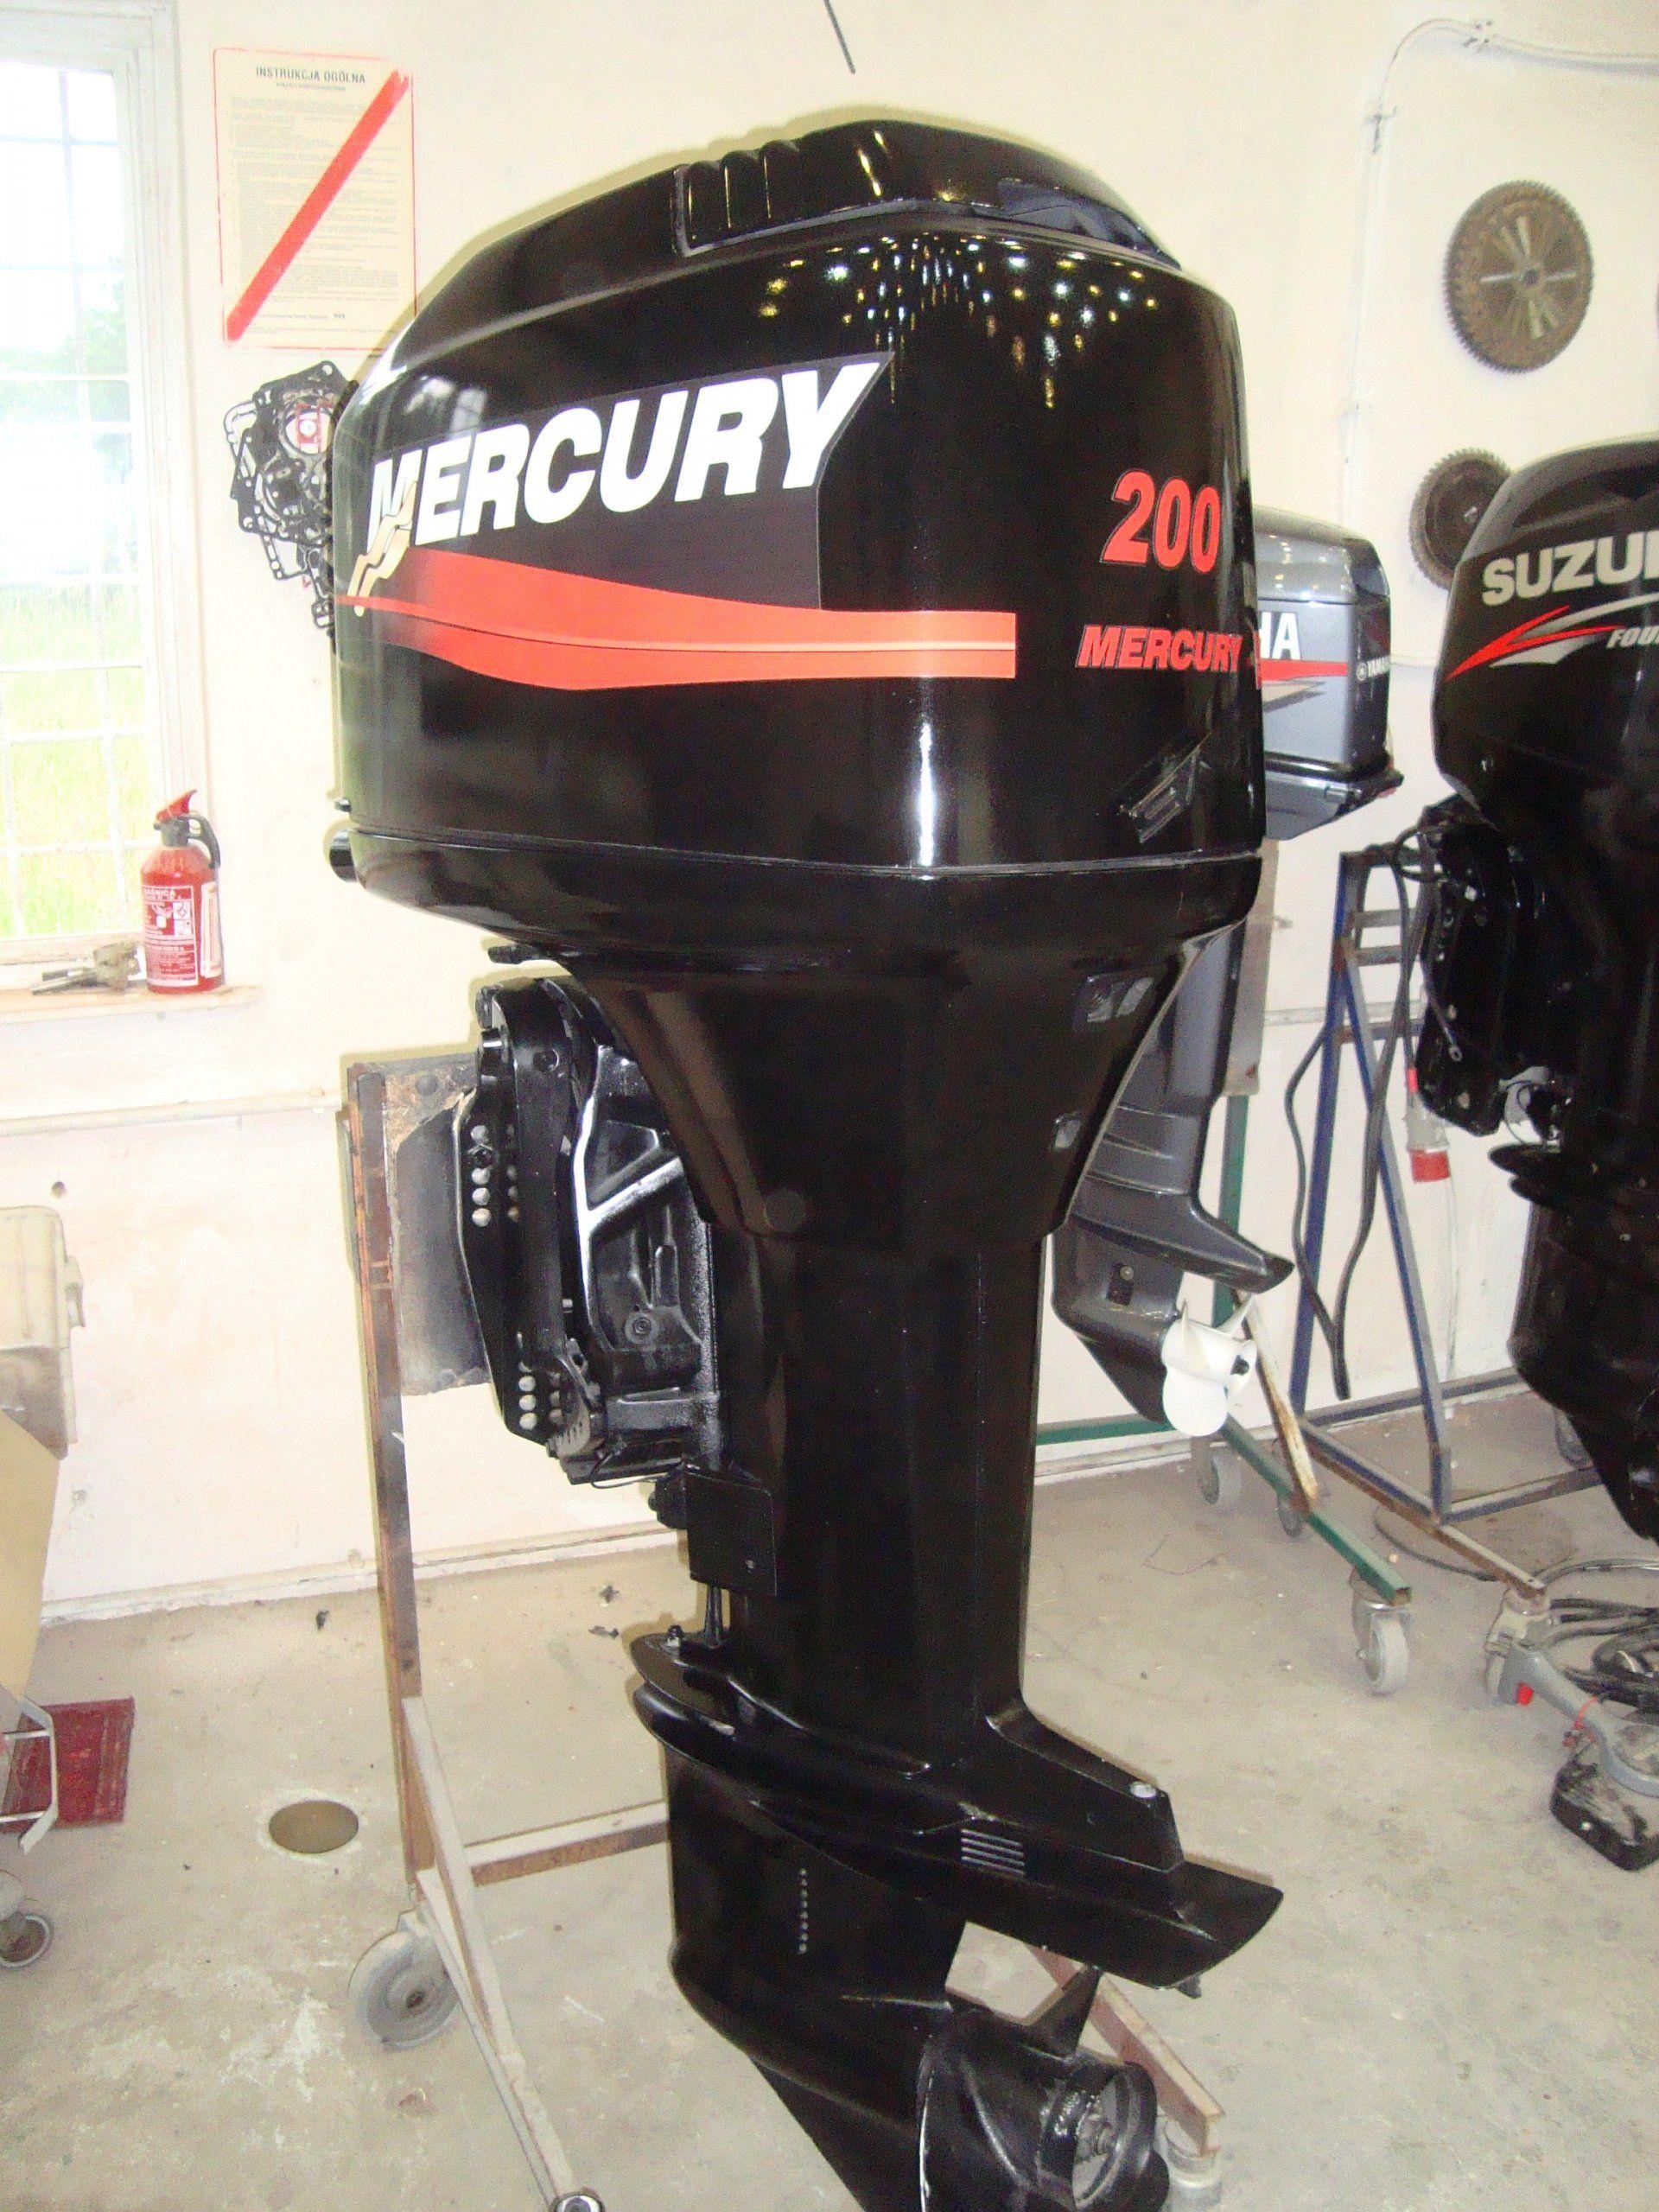 Silnik Zaburtowy Mercury 200km Okazja 6312687751 Oficjalne Archiwum Allegro Suzu Home Appliances Appliances